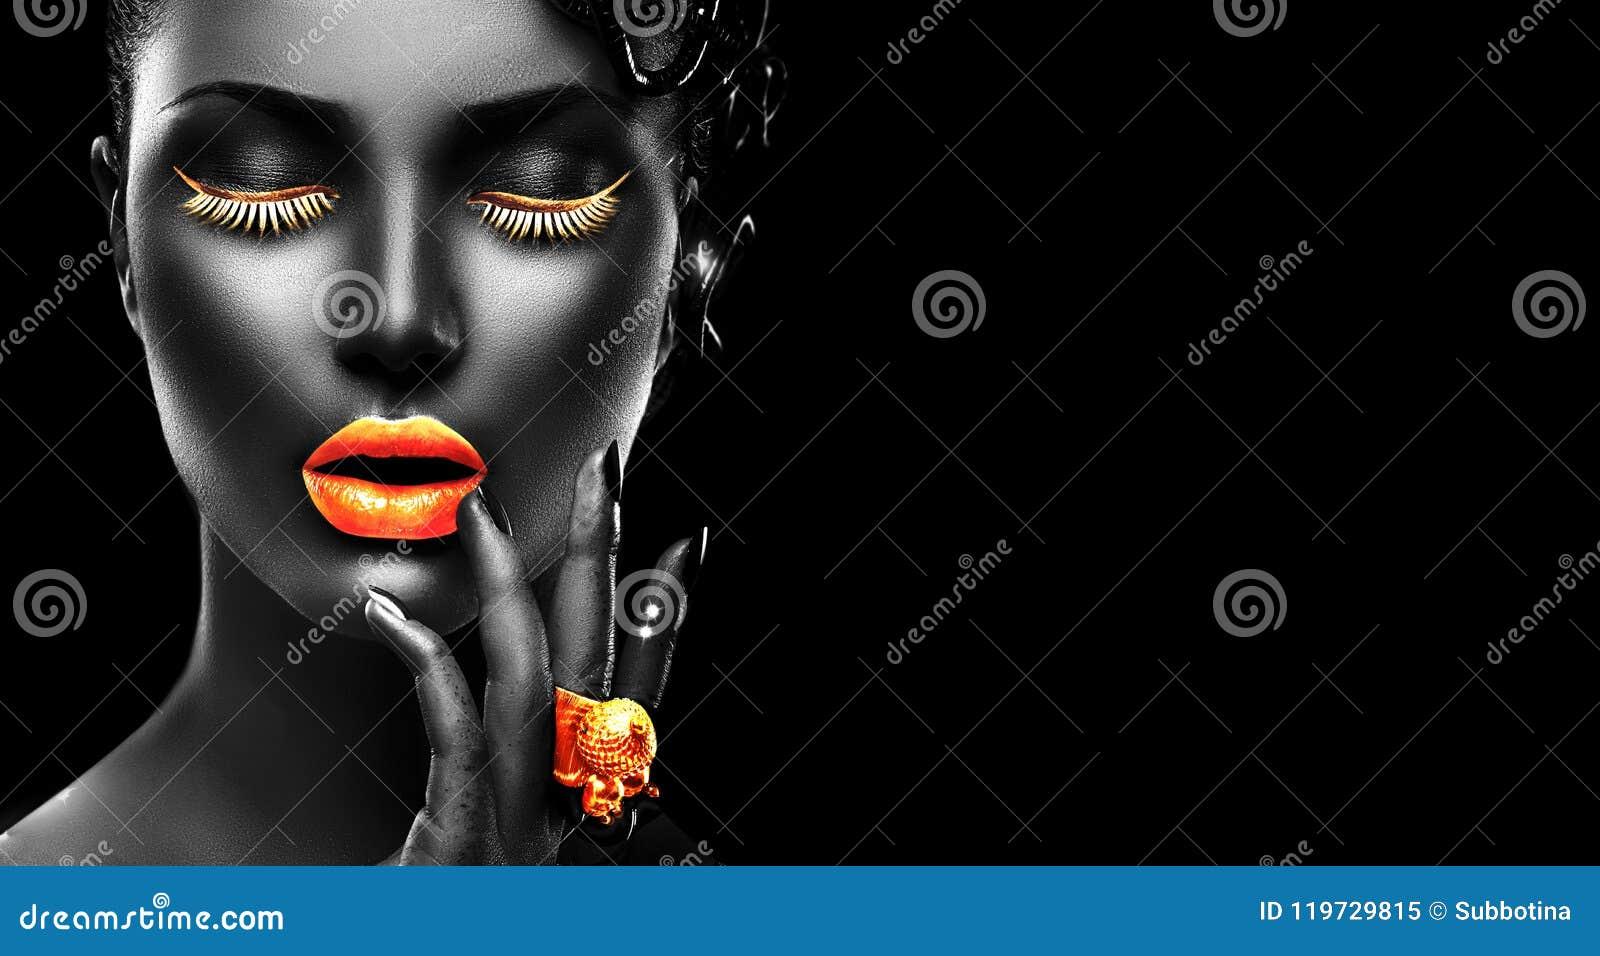 Mode-Modell mit schwarzer Haut, den goldenen Lippen, den Wimpern und Schmuck - goldener Ring an Hand Auf schwarzem Hintergrund